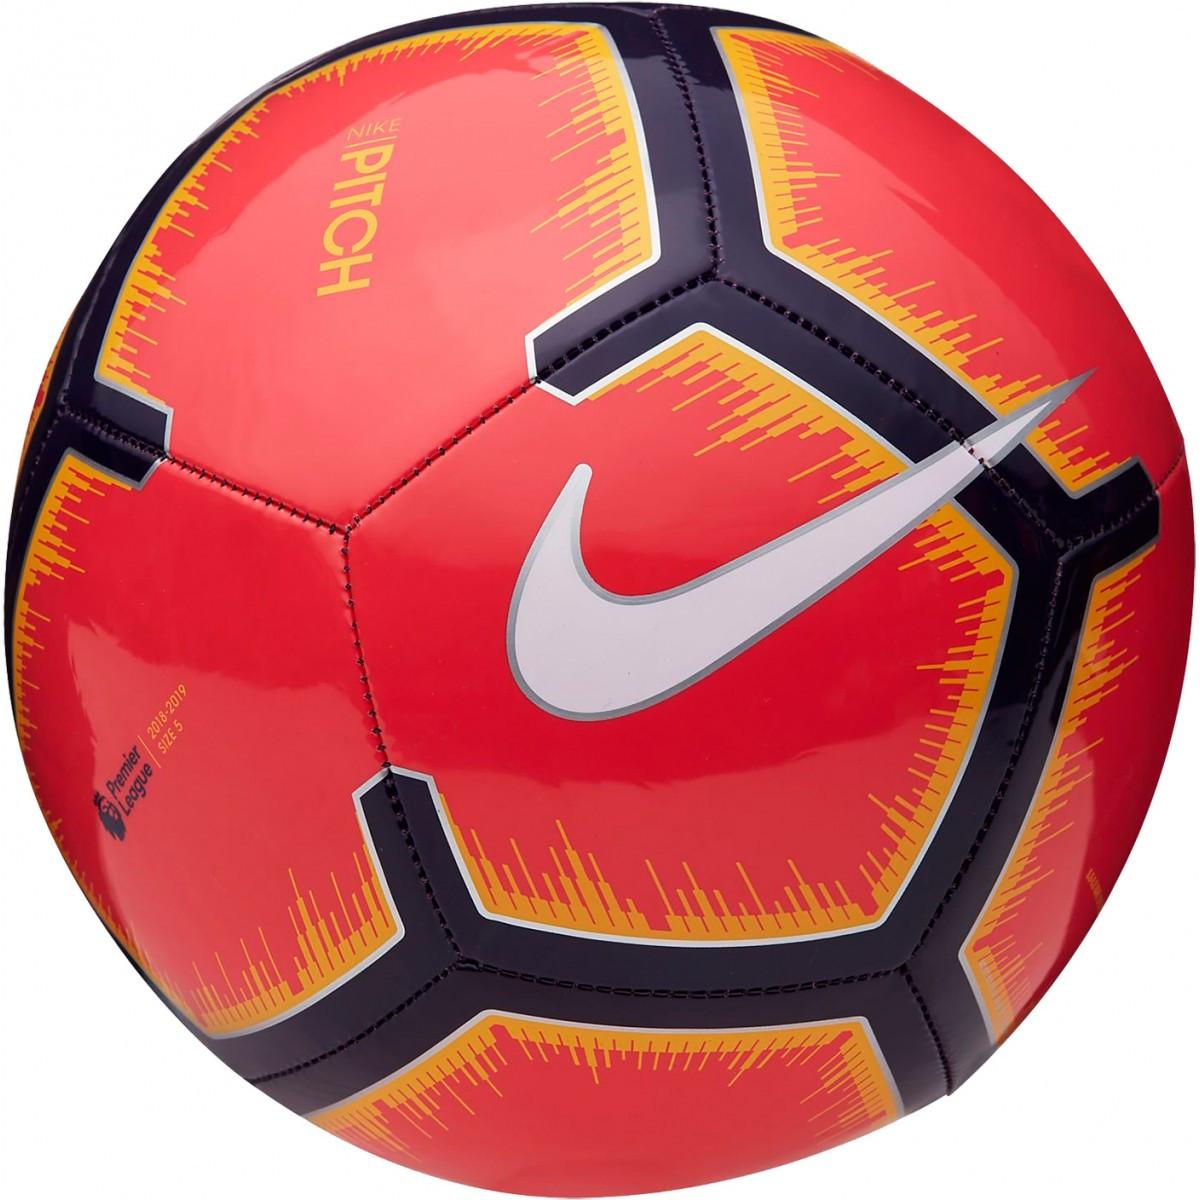 Мяч футбольный Nike Premier League Pitch SC3597- 671 размер 5 для игр и тренировок любительского уровня